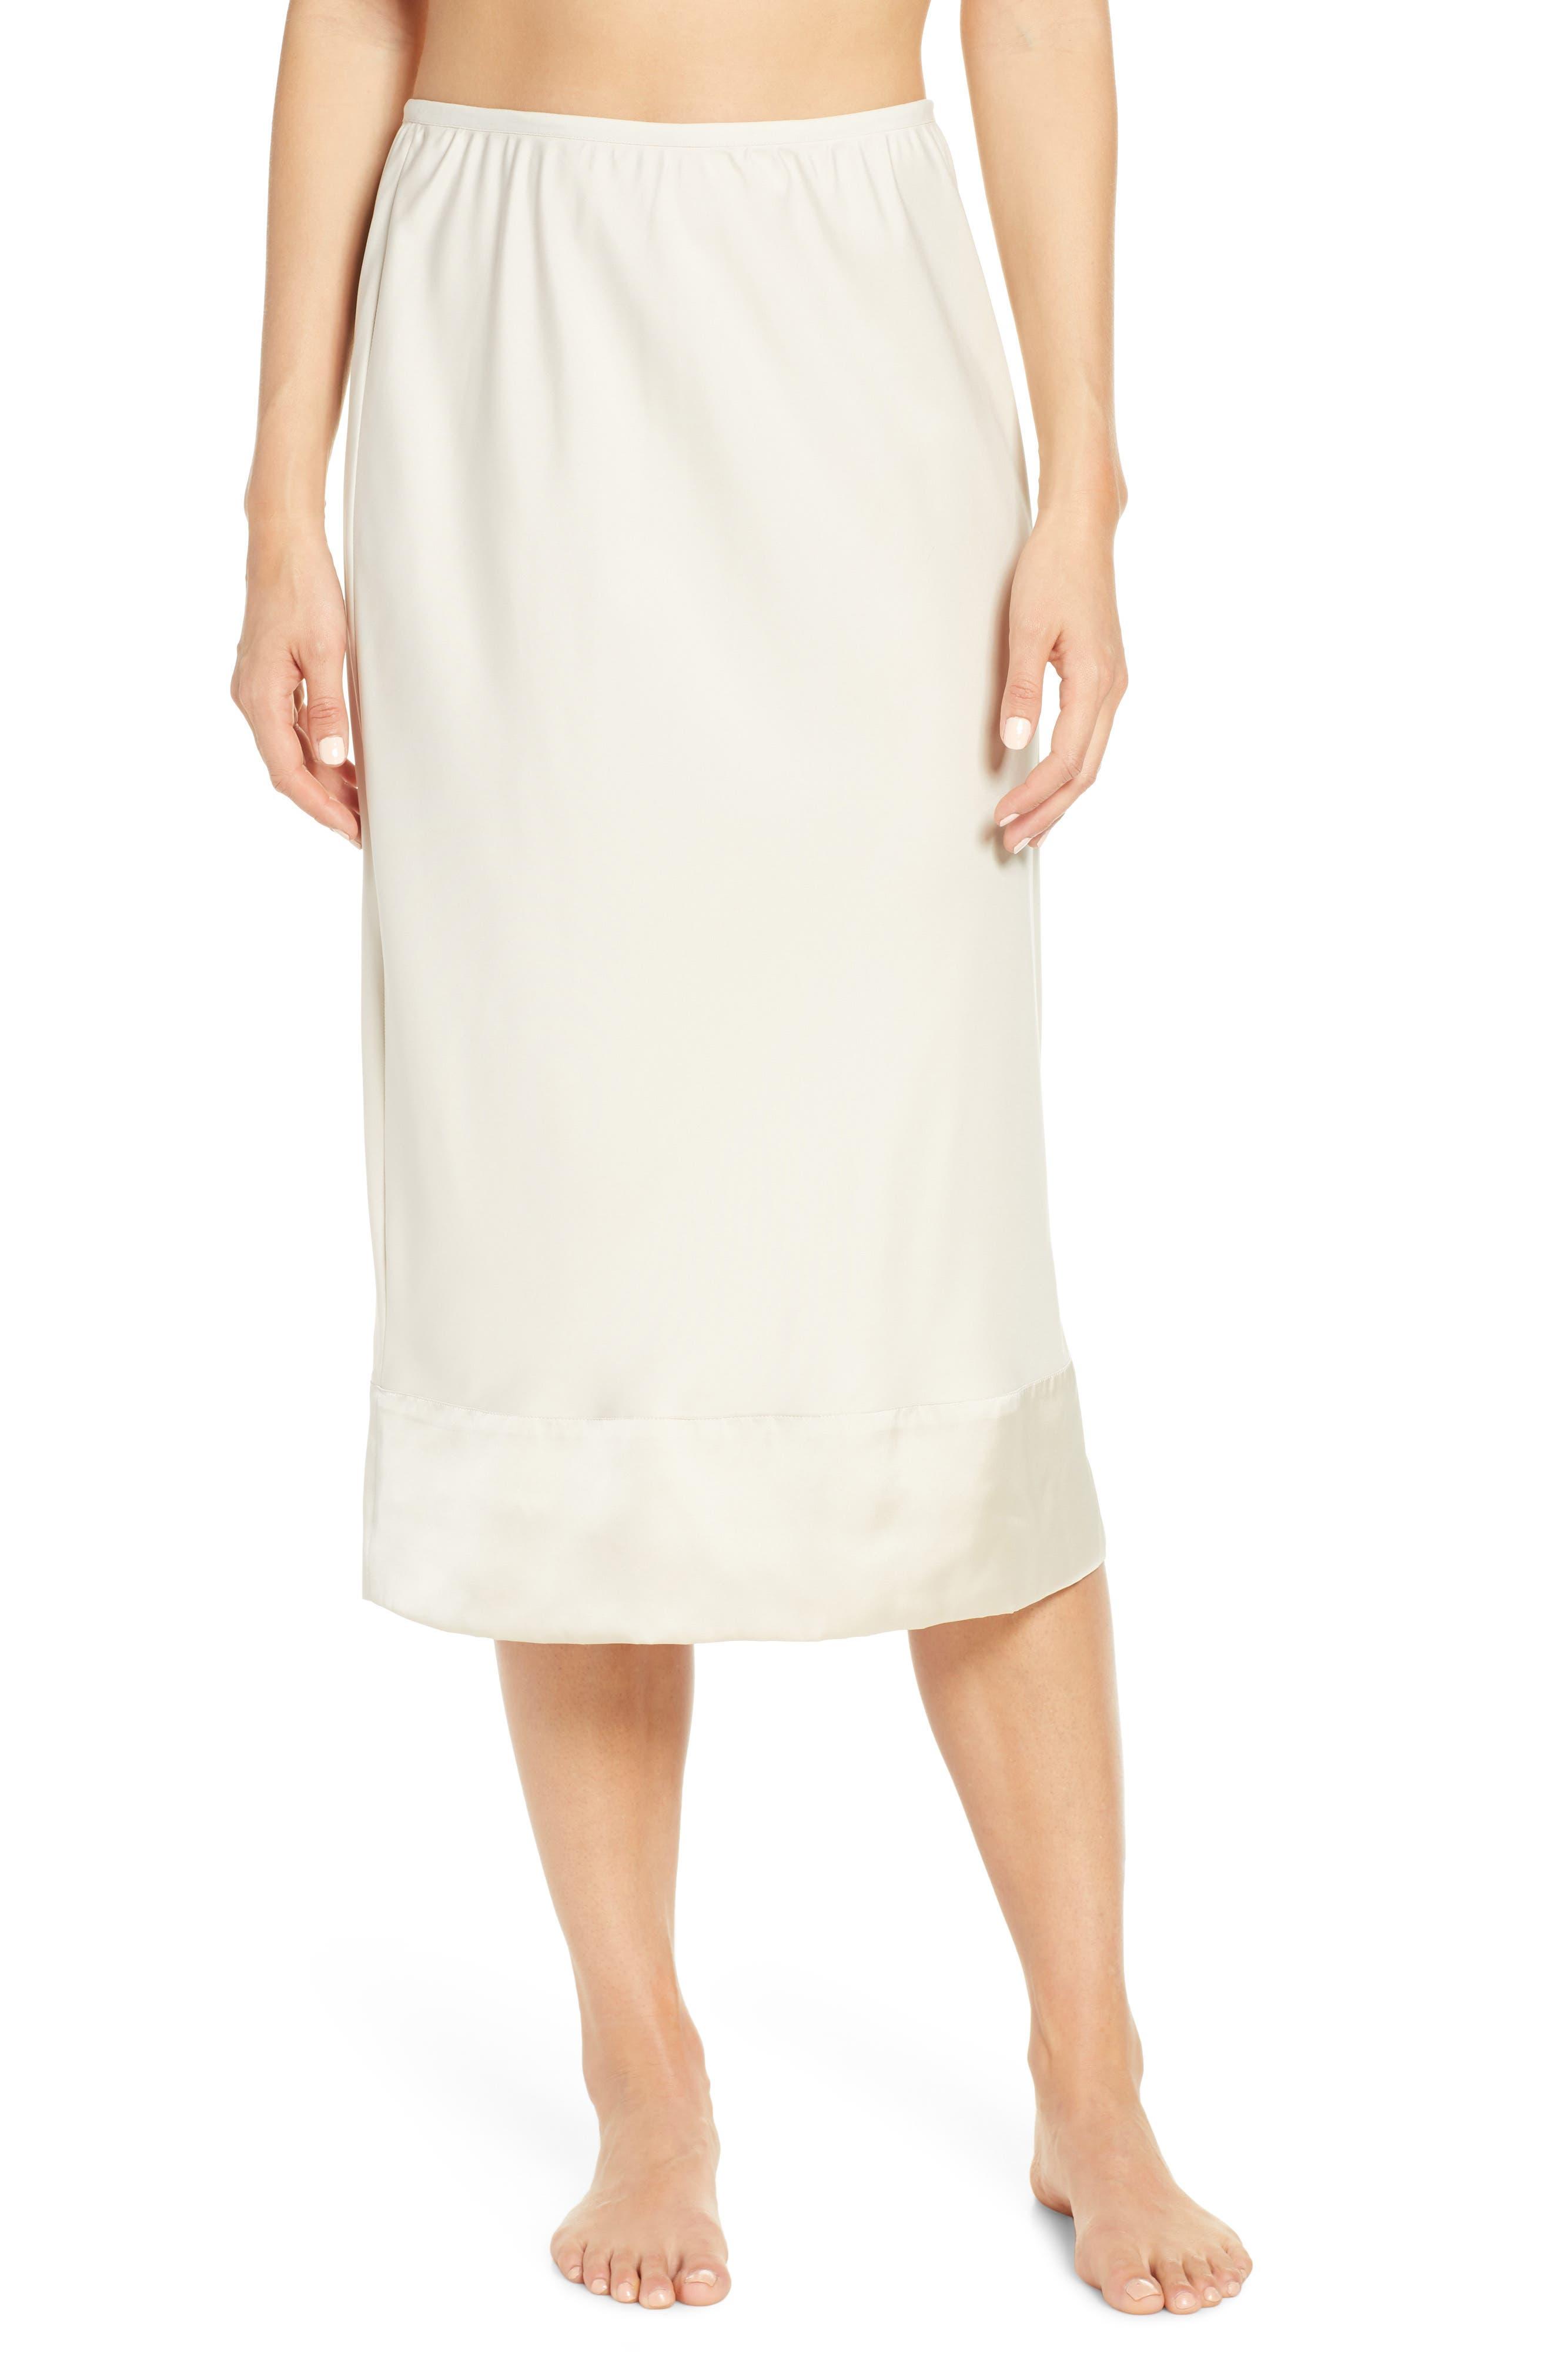 fa776a6d9949 Women's Slips Lingerie, Hosiery & Shapewear   Nordstrom